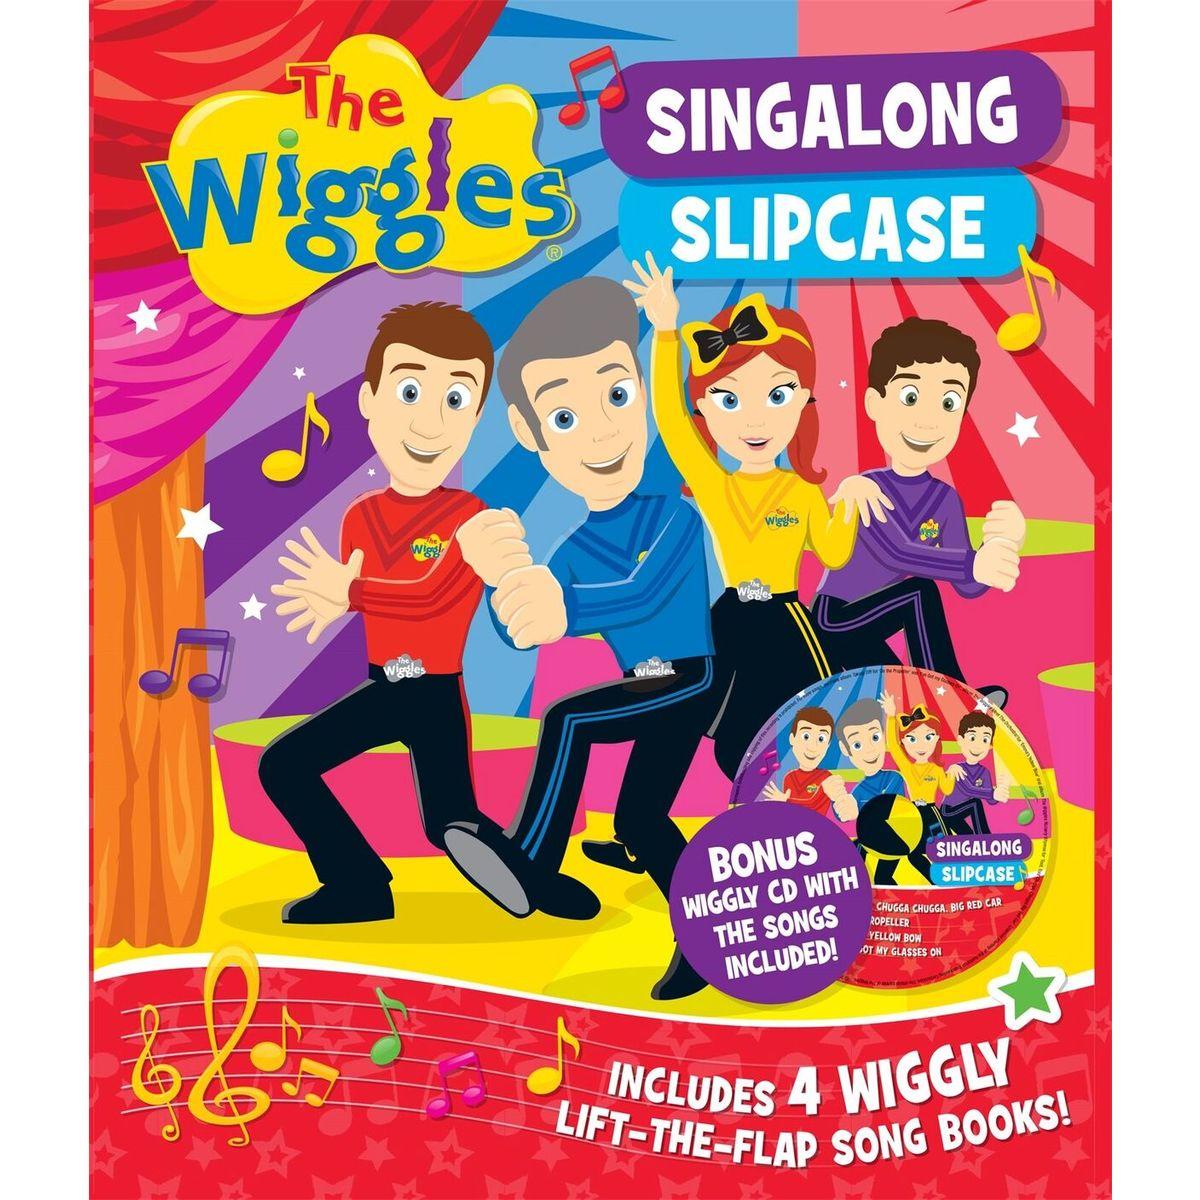 Singalong Slipcase